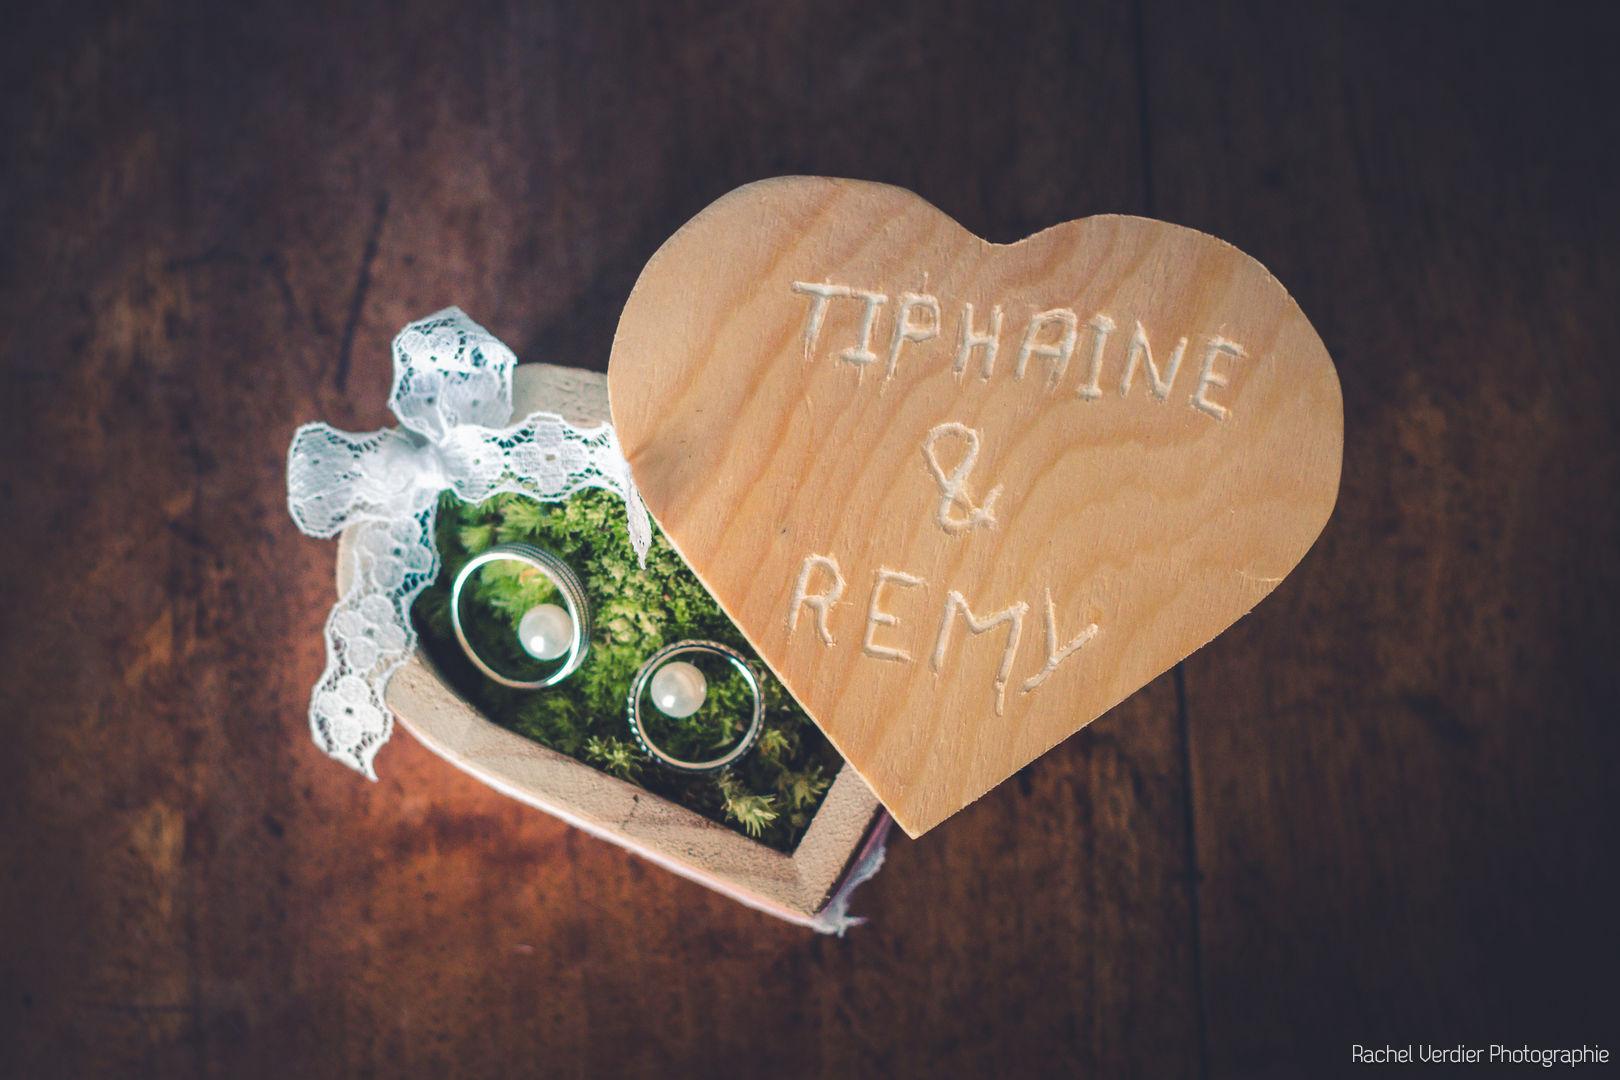 Tiphaine & Rémy